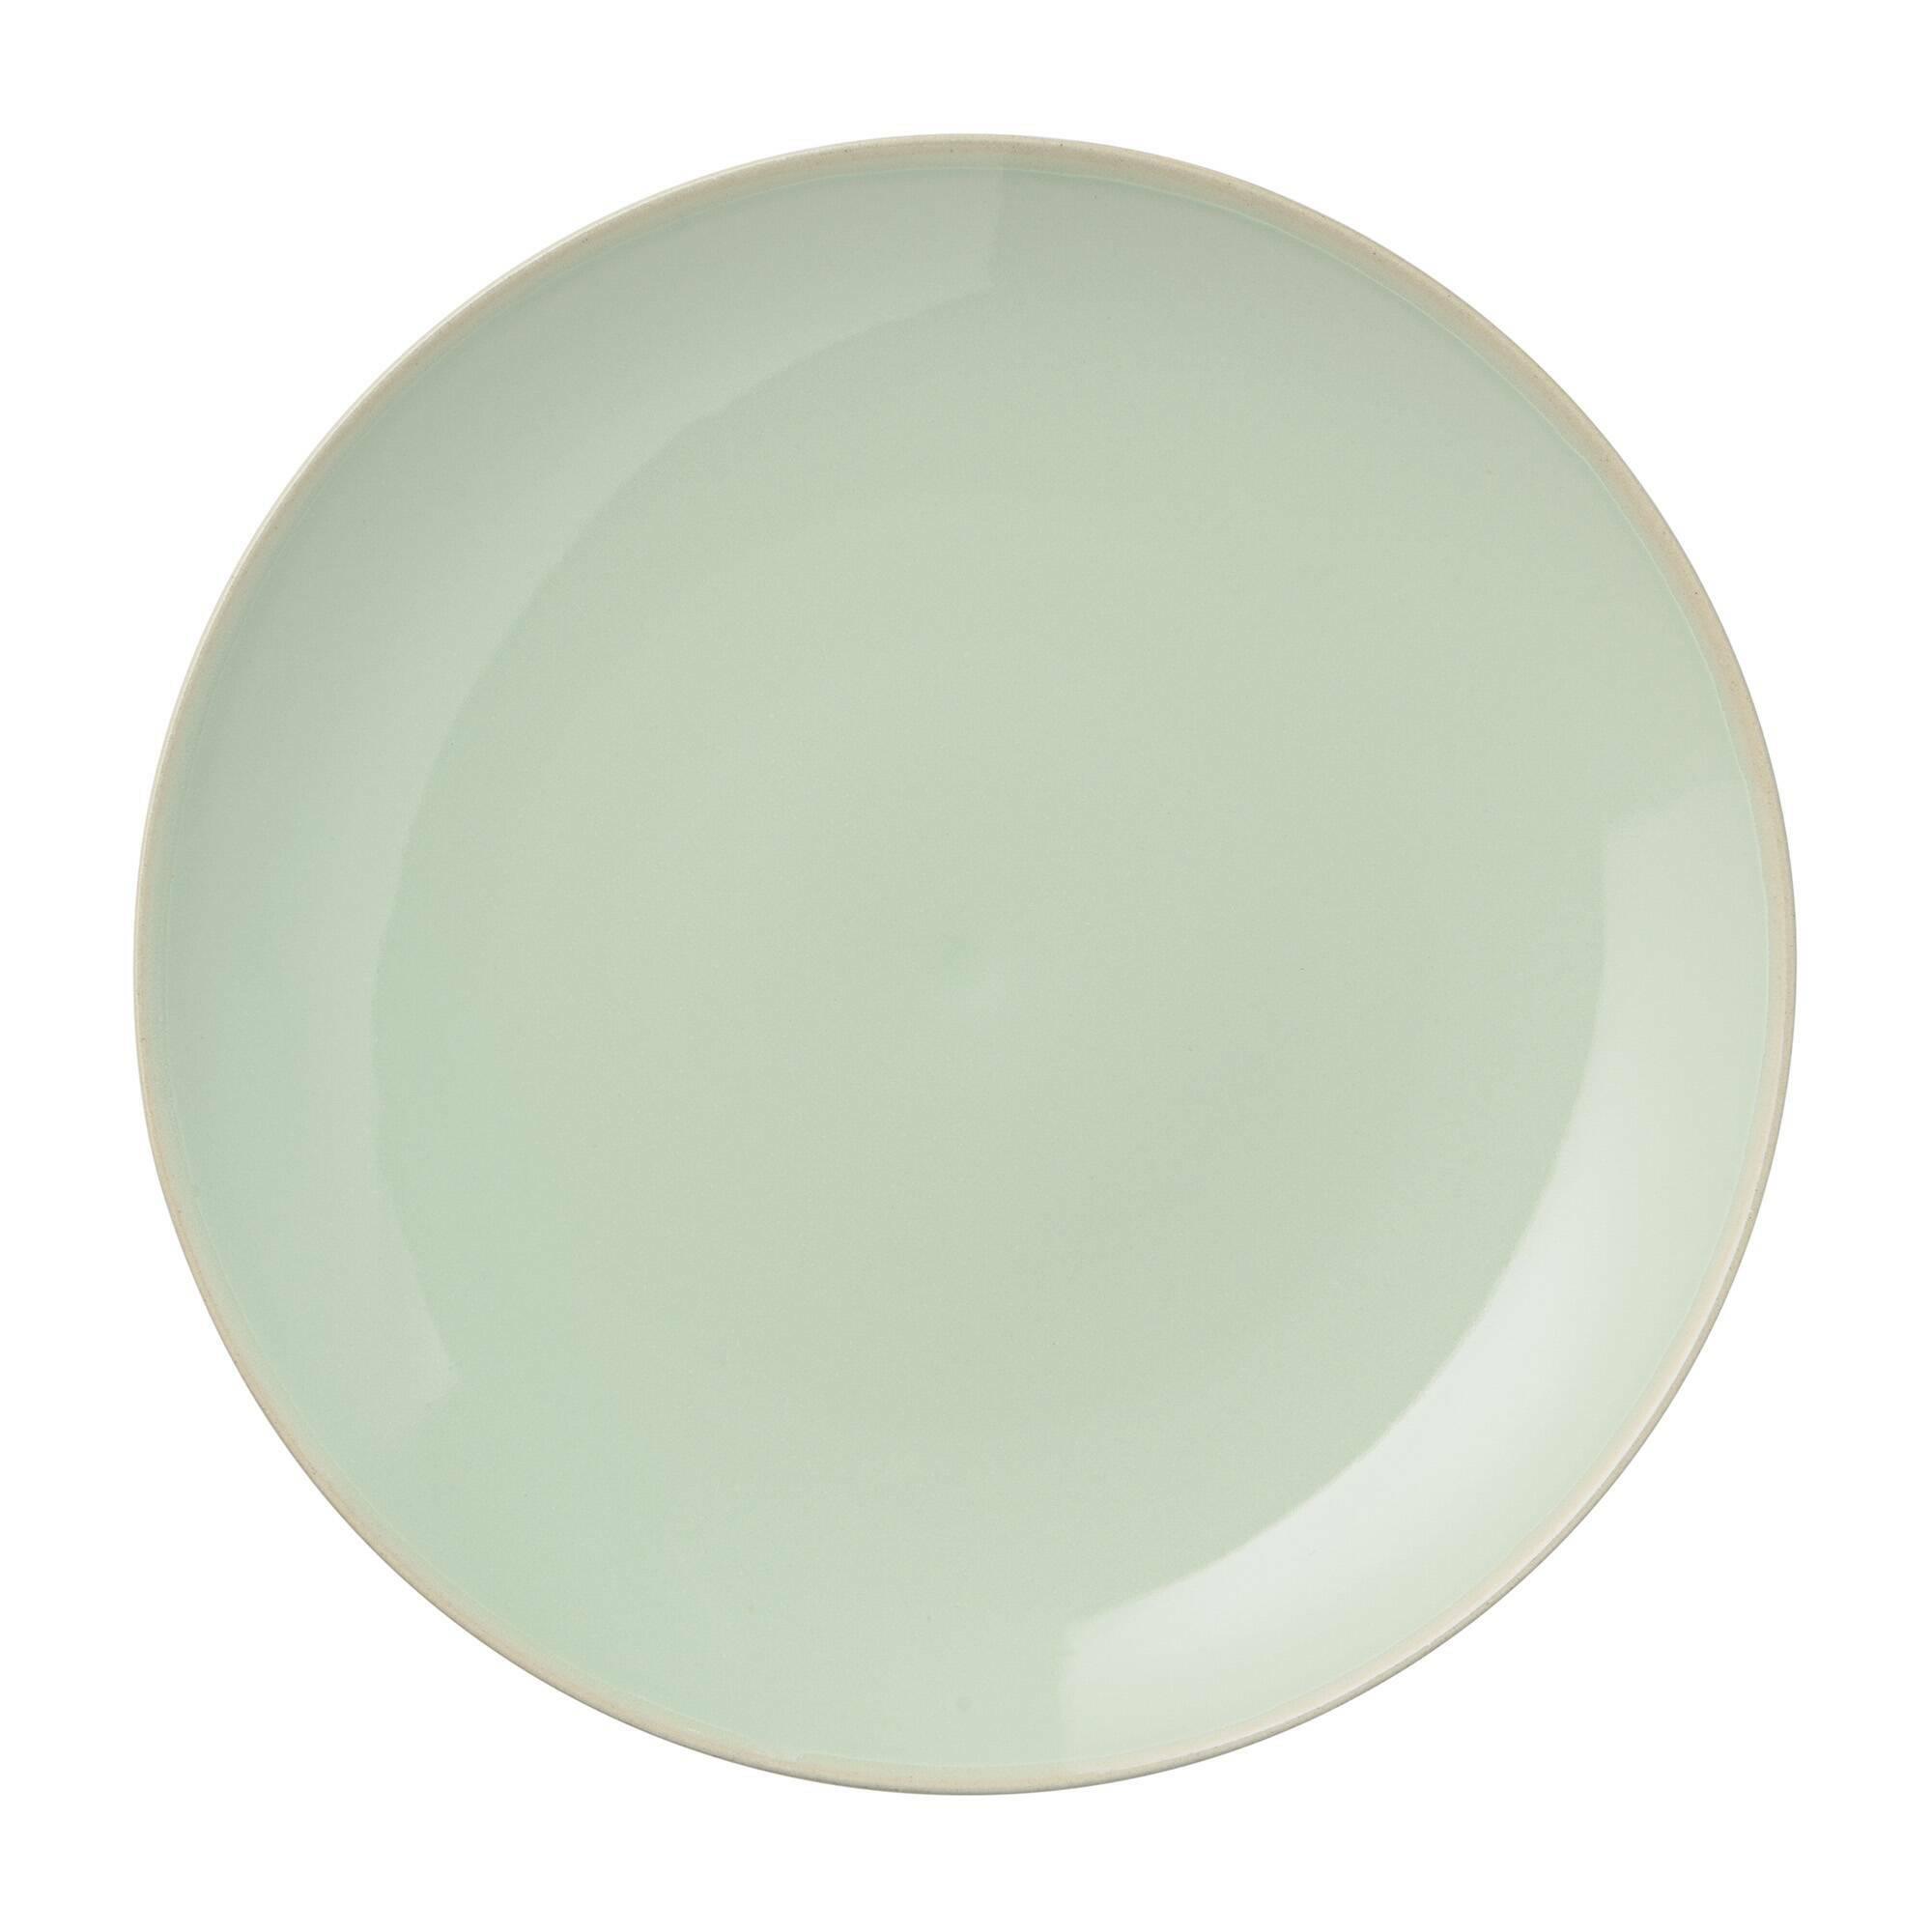 Купить Тарелка Bloomingville зеленая, Зелёный, Керамика